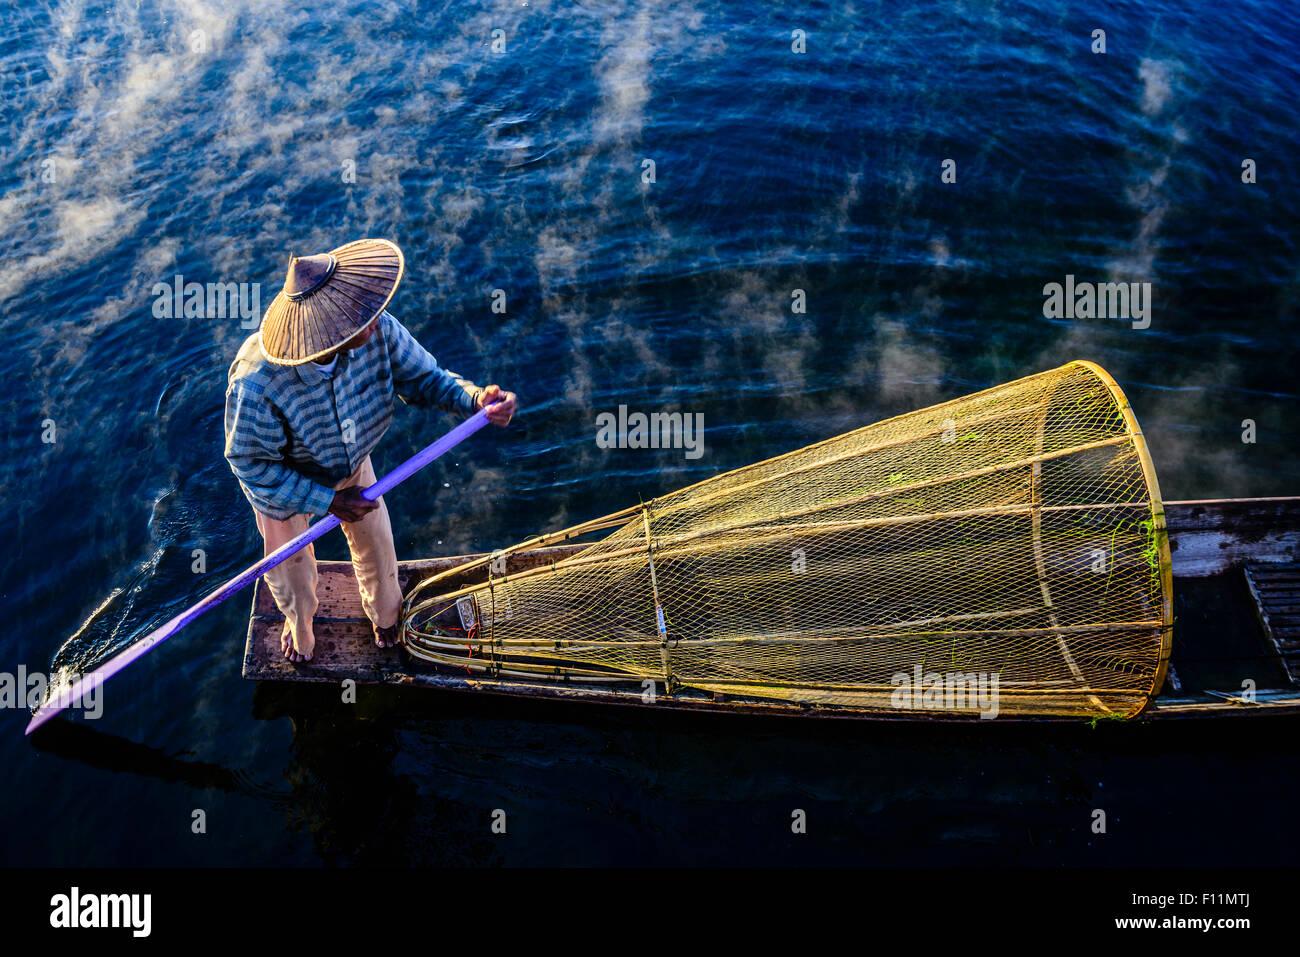 Vogelperspektive Ansicht von asiatischen Fischer mit Fischernetz im Kanu auf dem Fluss Stockbild